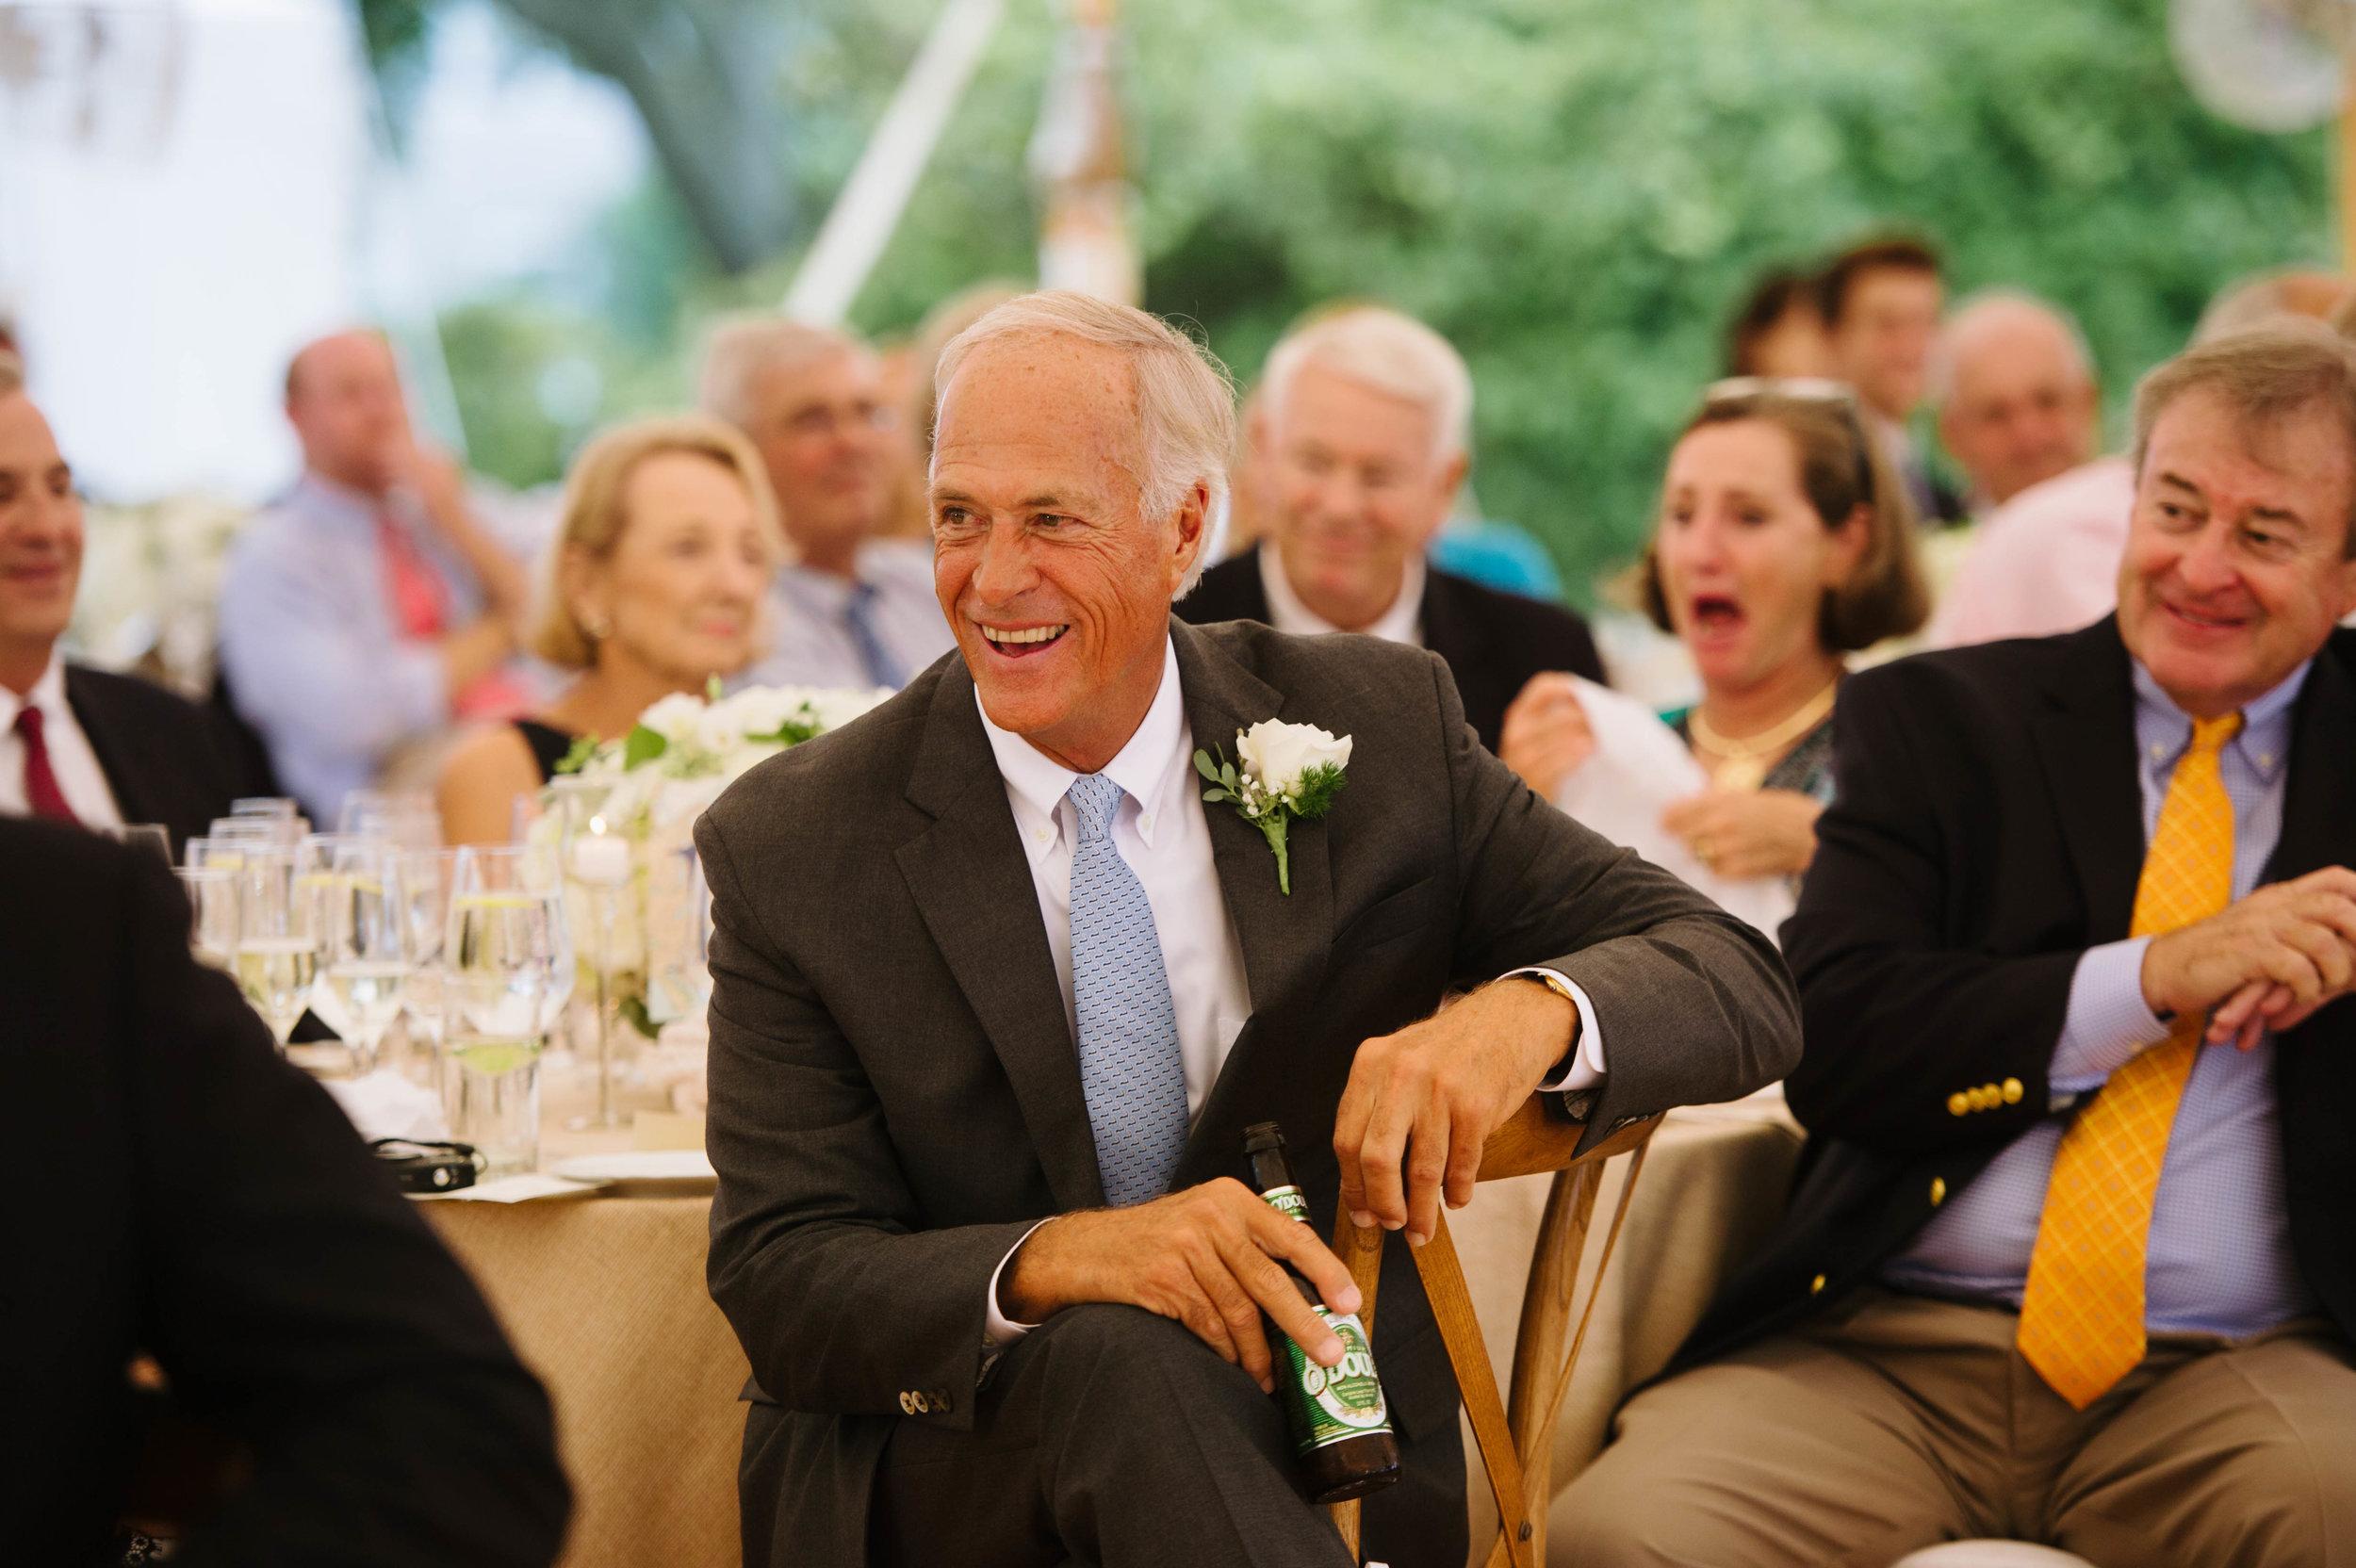 Katie-Noble-Wedding-Photography038.jpg